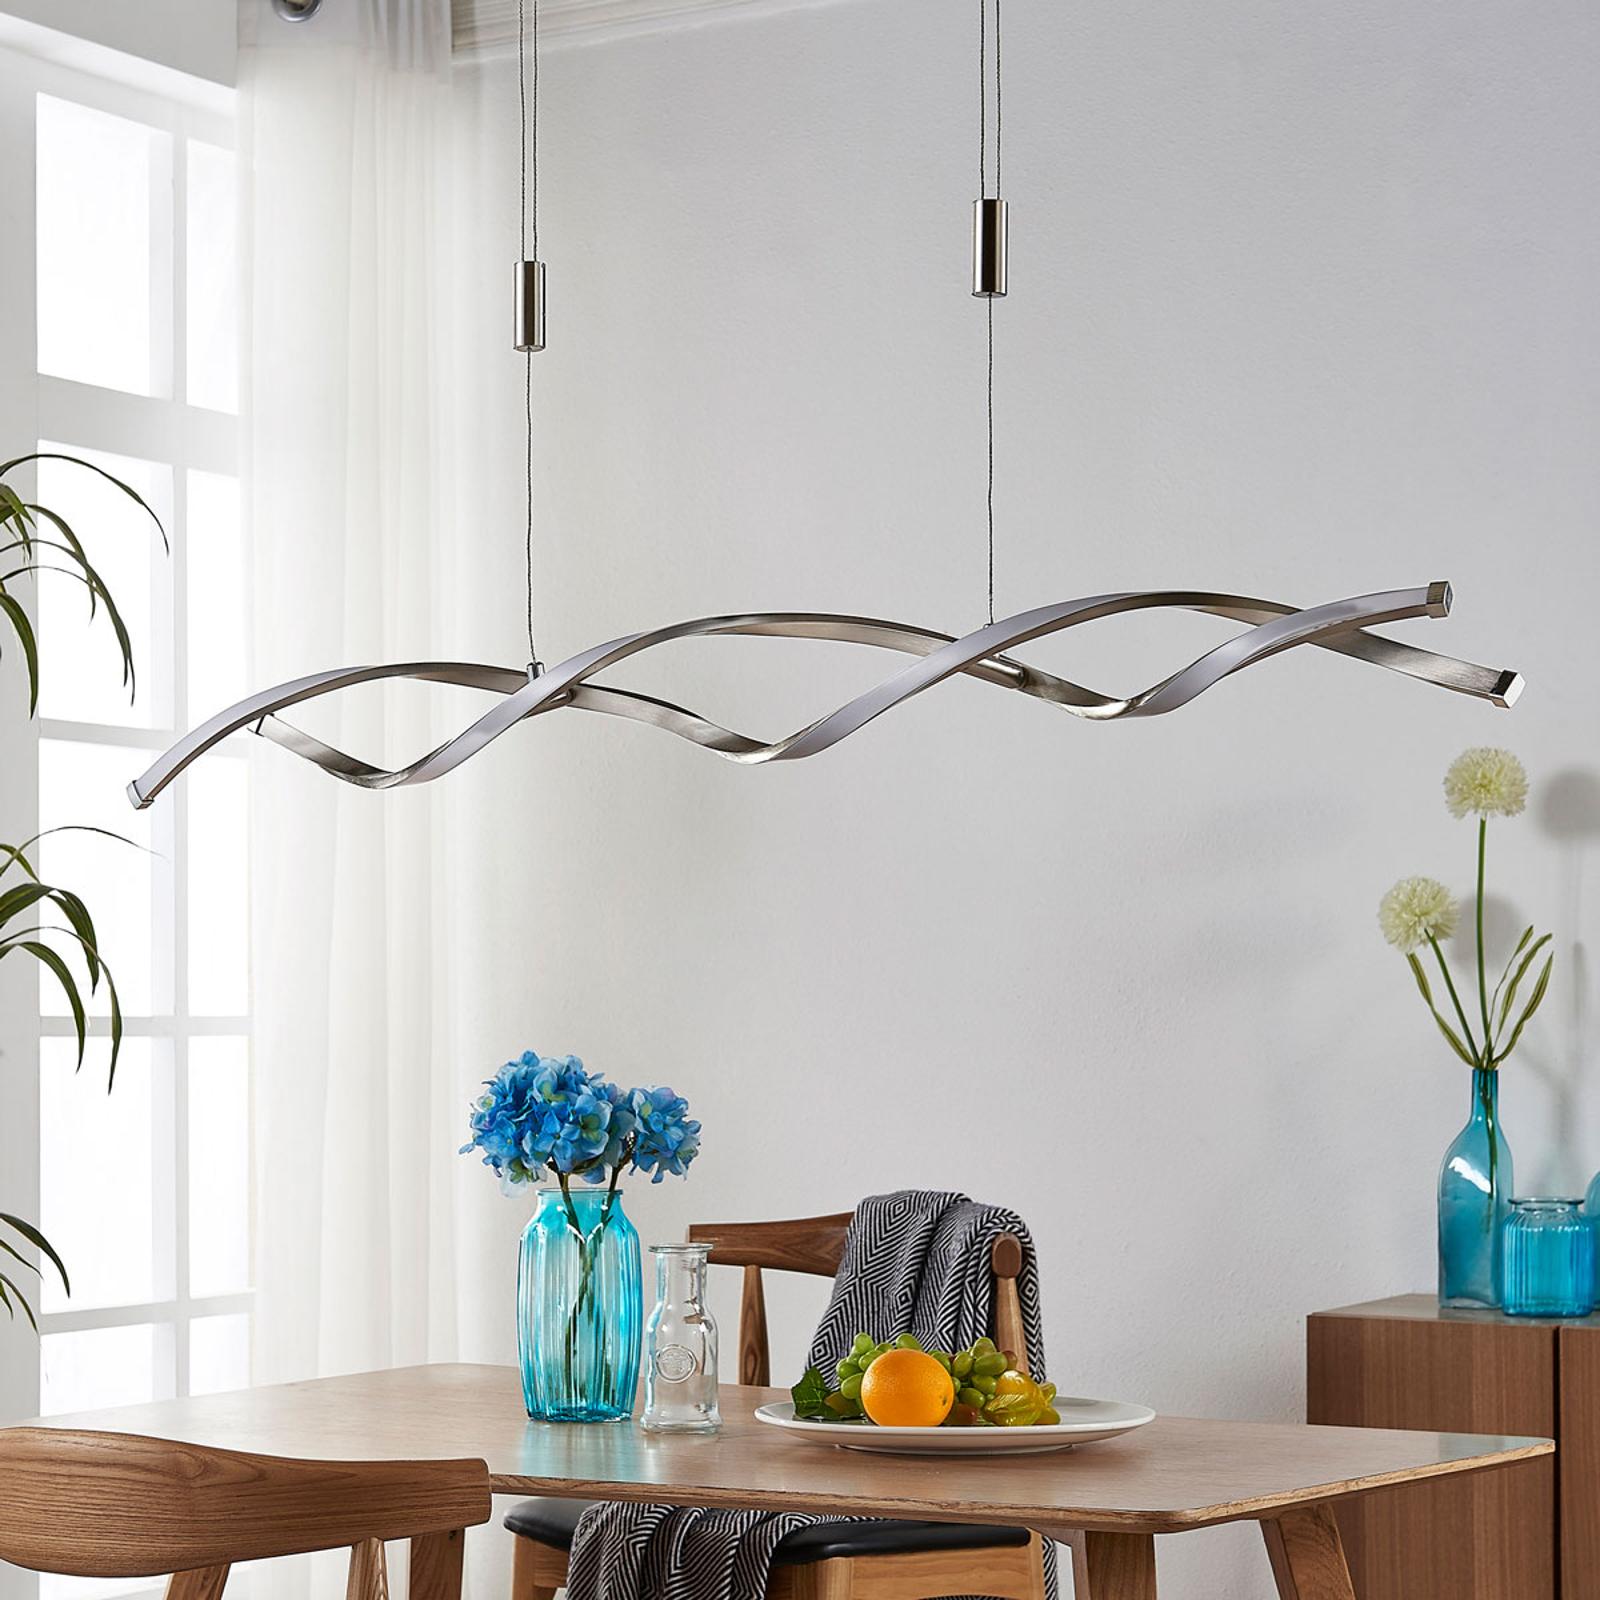 Lampa wisząca LED z regulacją wysokości Auron